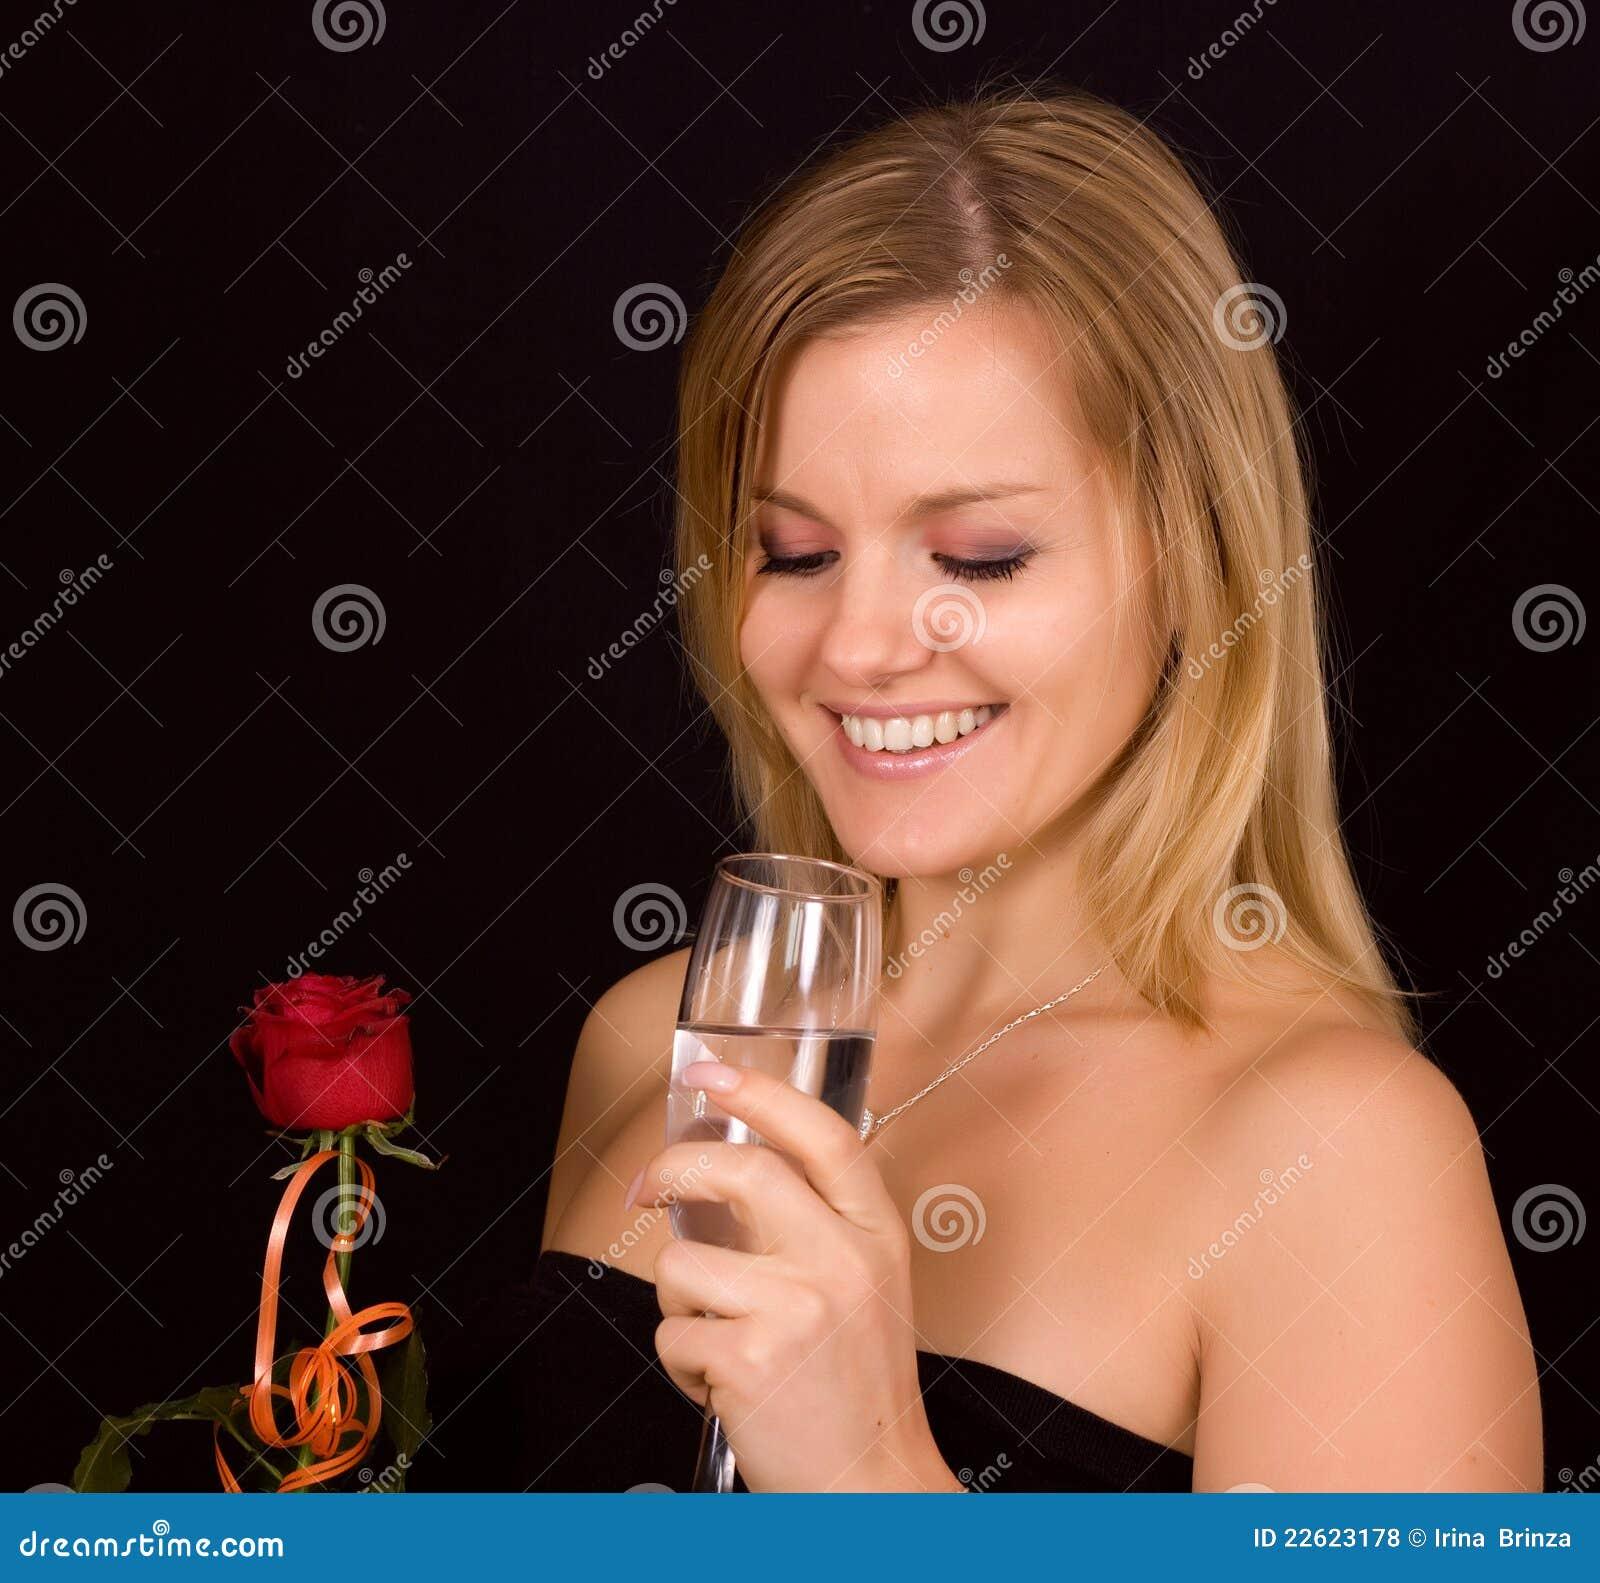 sex dating en relatie flanders